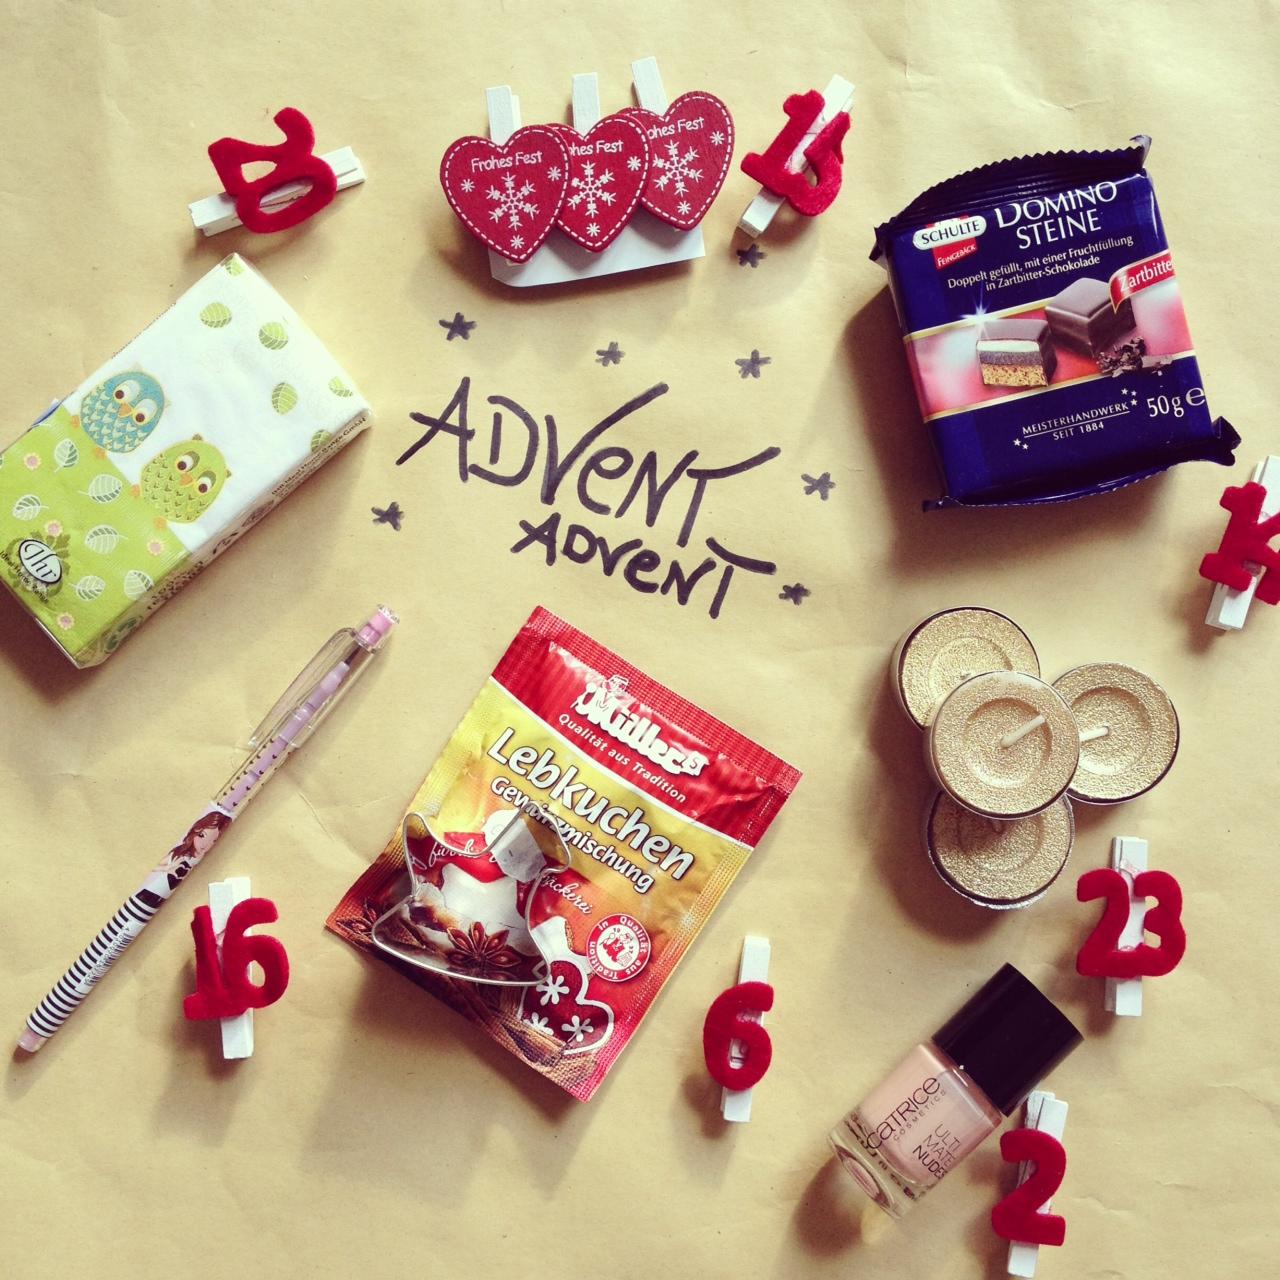 Adventskalender geschenke schwester